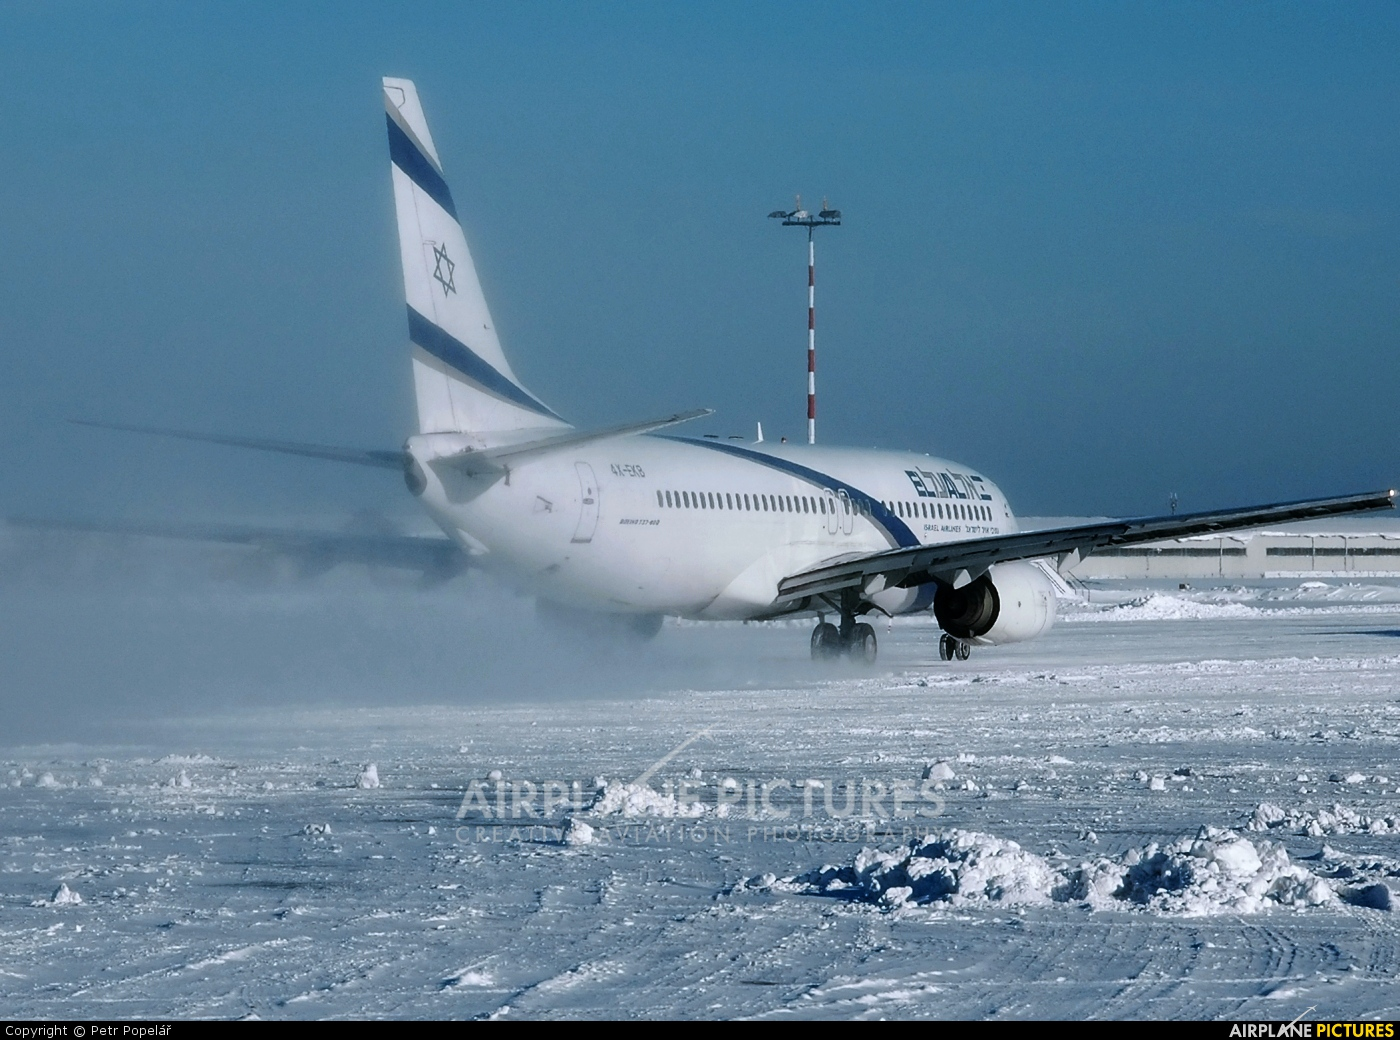 El Al Israel Airlines 4X-EKB aircraft at Prague - Václav Havel